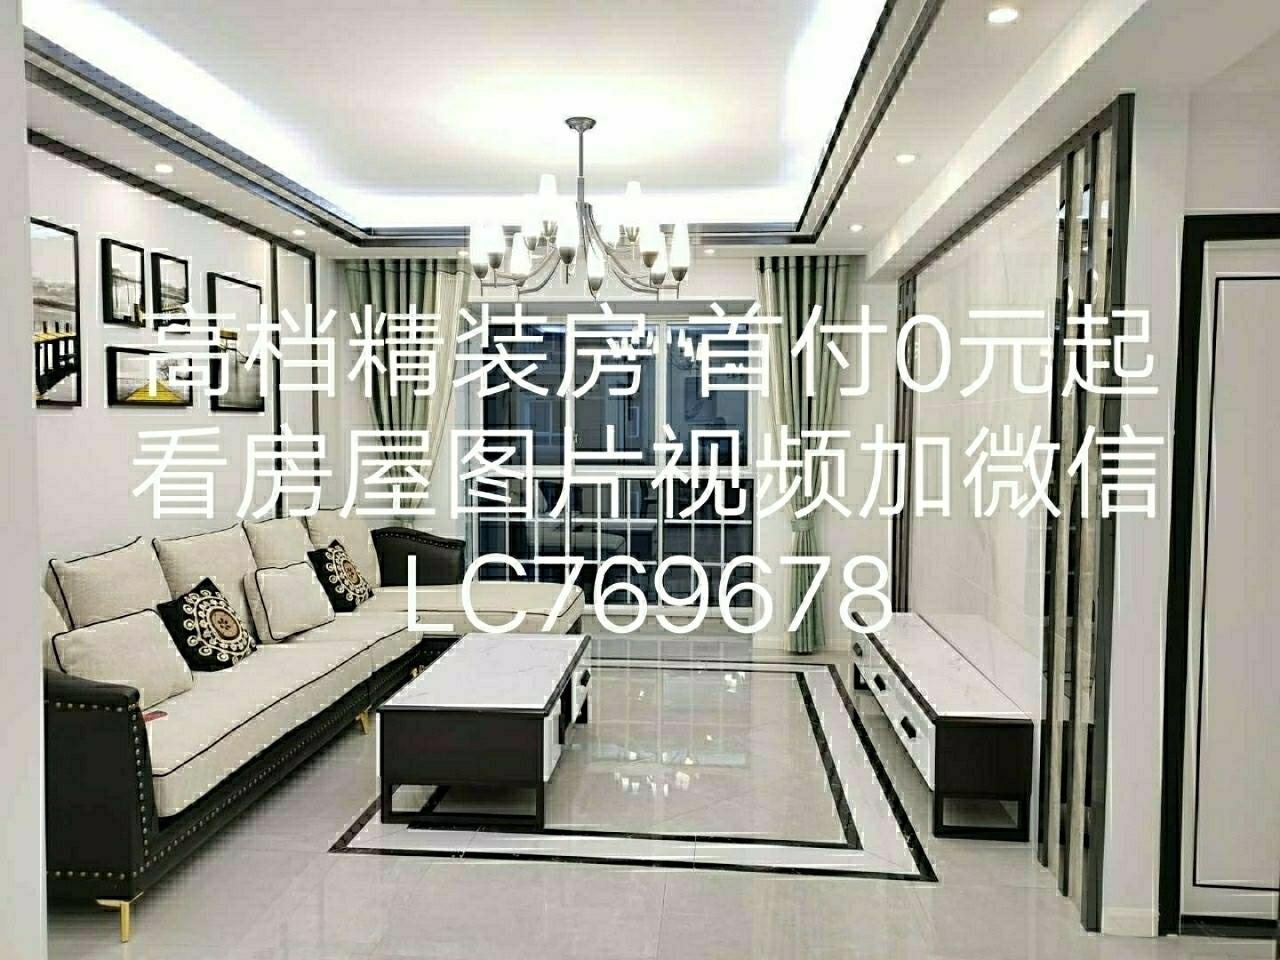 C212泸龙豪苑精装顶楼3室2厅2卫170平62万